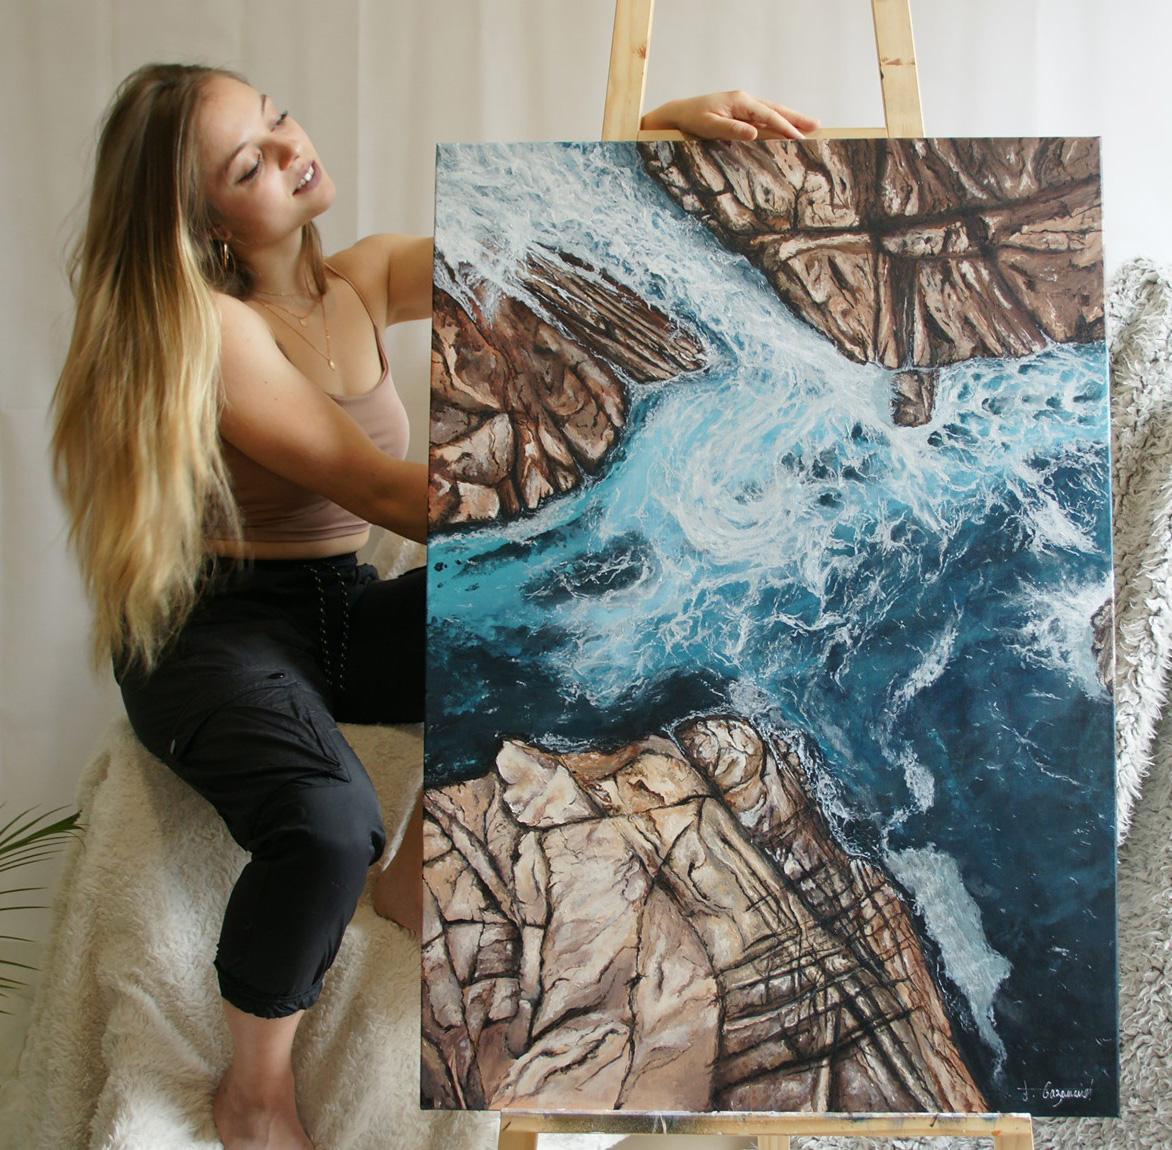 Artiste : Julie Gazounaud